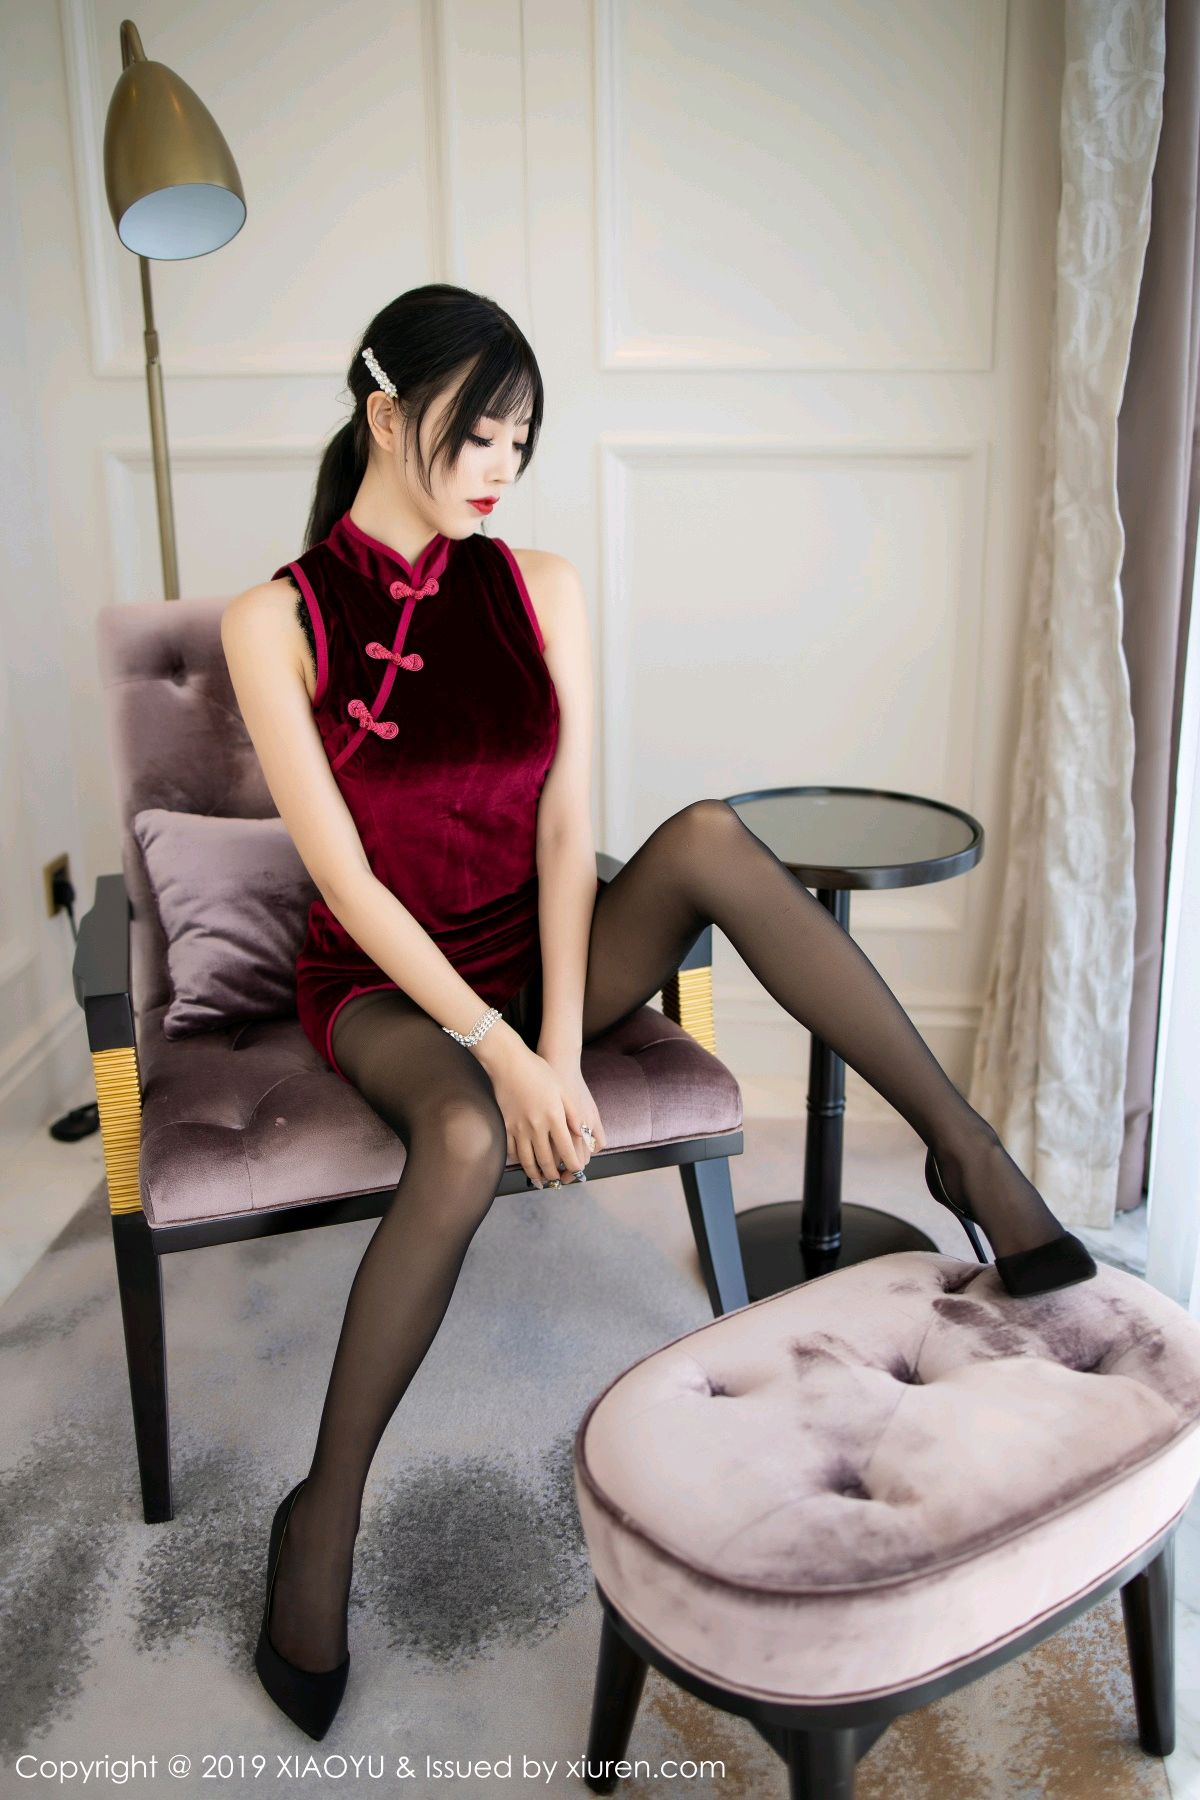 [XiaoYu] Vol.152 Yang Chen Chen 6P, Black Silk, Cheongsam, Tall, XiaoYu, Yang Chen Chen